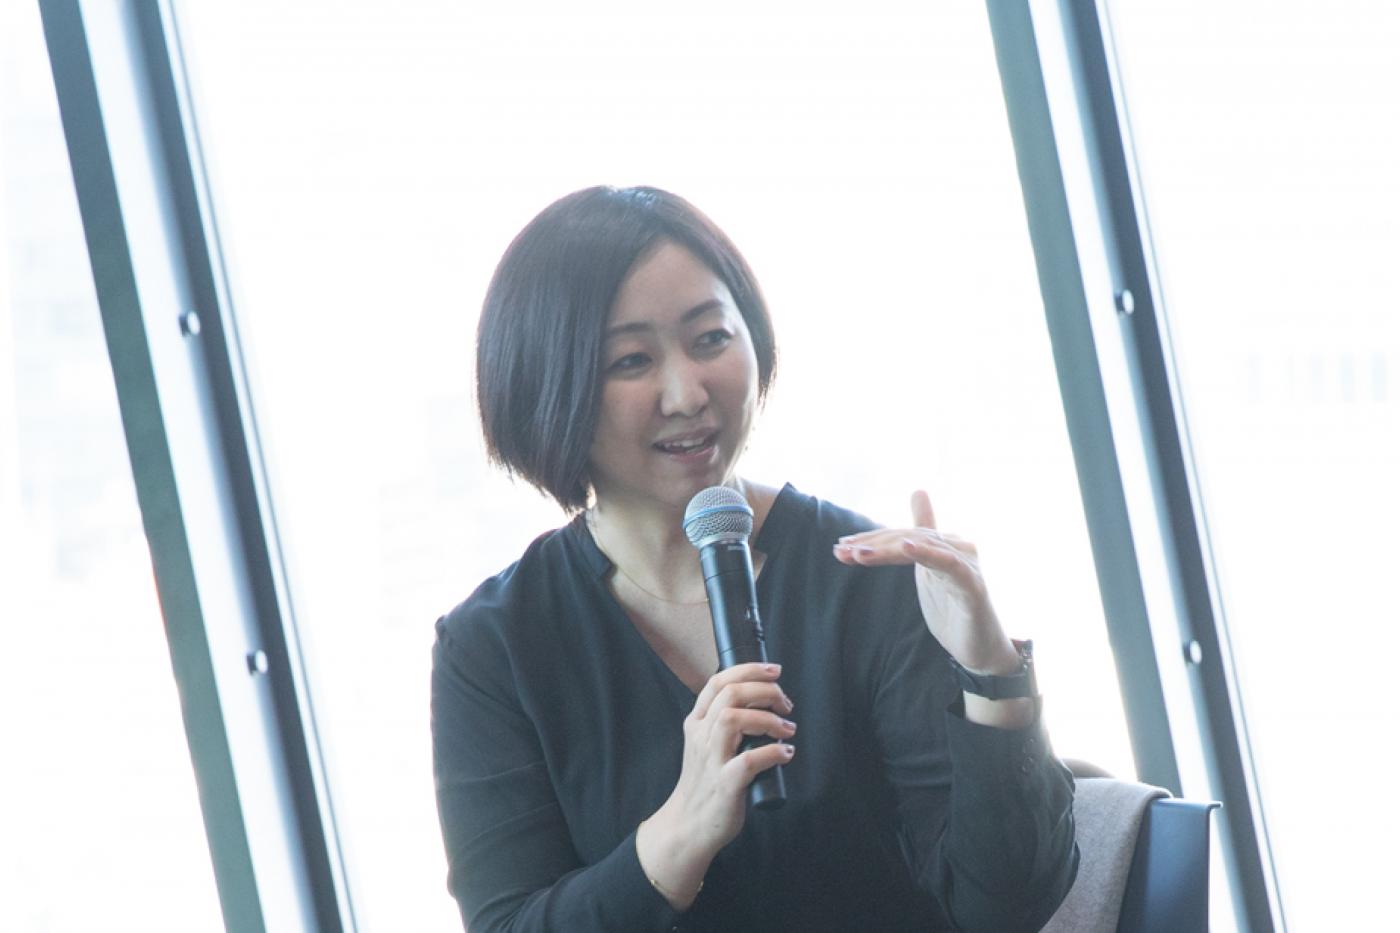 続くピッチの登壇者はPlug and Play Japanの執行役員 藤本あゆみ氏。同社は公募によって選ばれた起業家に対し、3ヶ月の期間限定で支援を実施。過去200社に対して、専門スタッフによる経営アドバイスや、投資家・経営人材のネットワークを提供してきた。